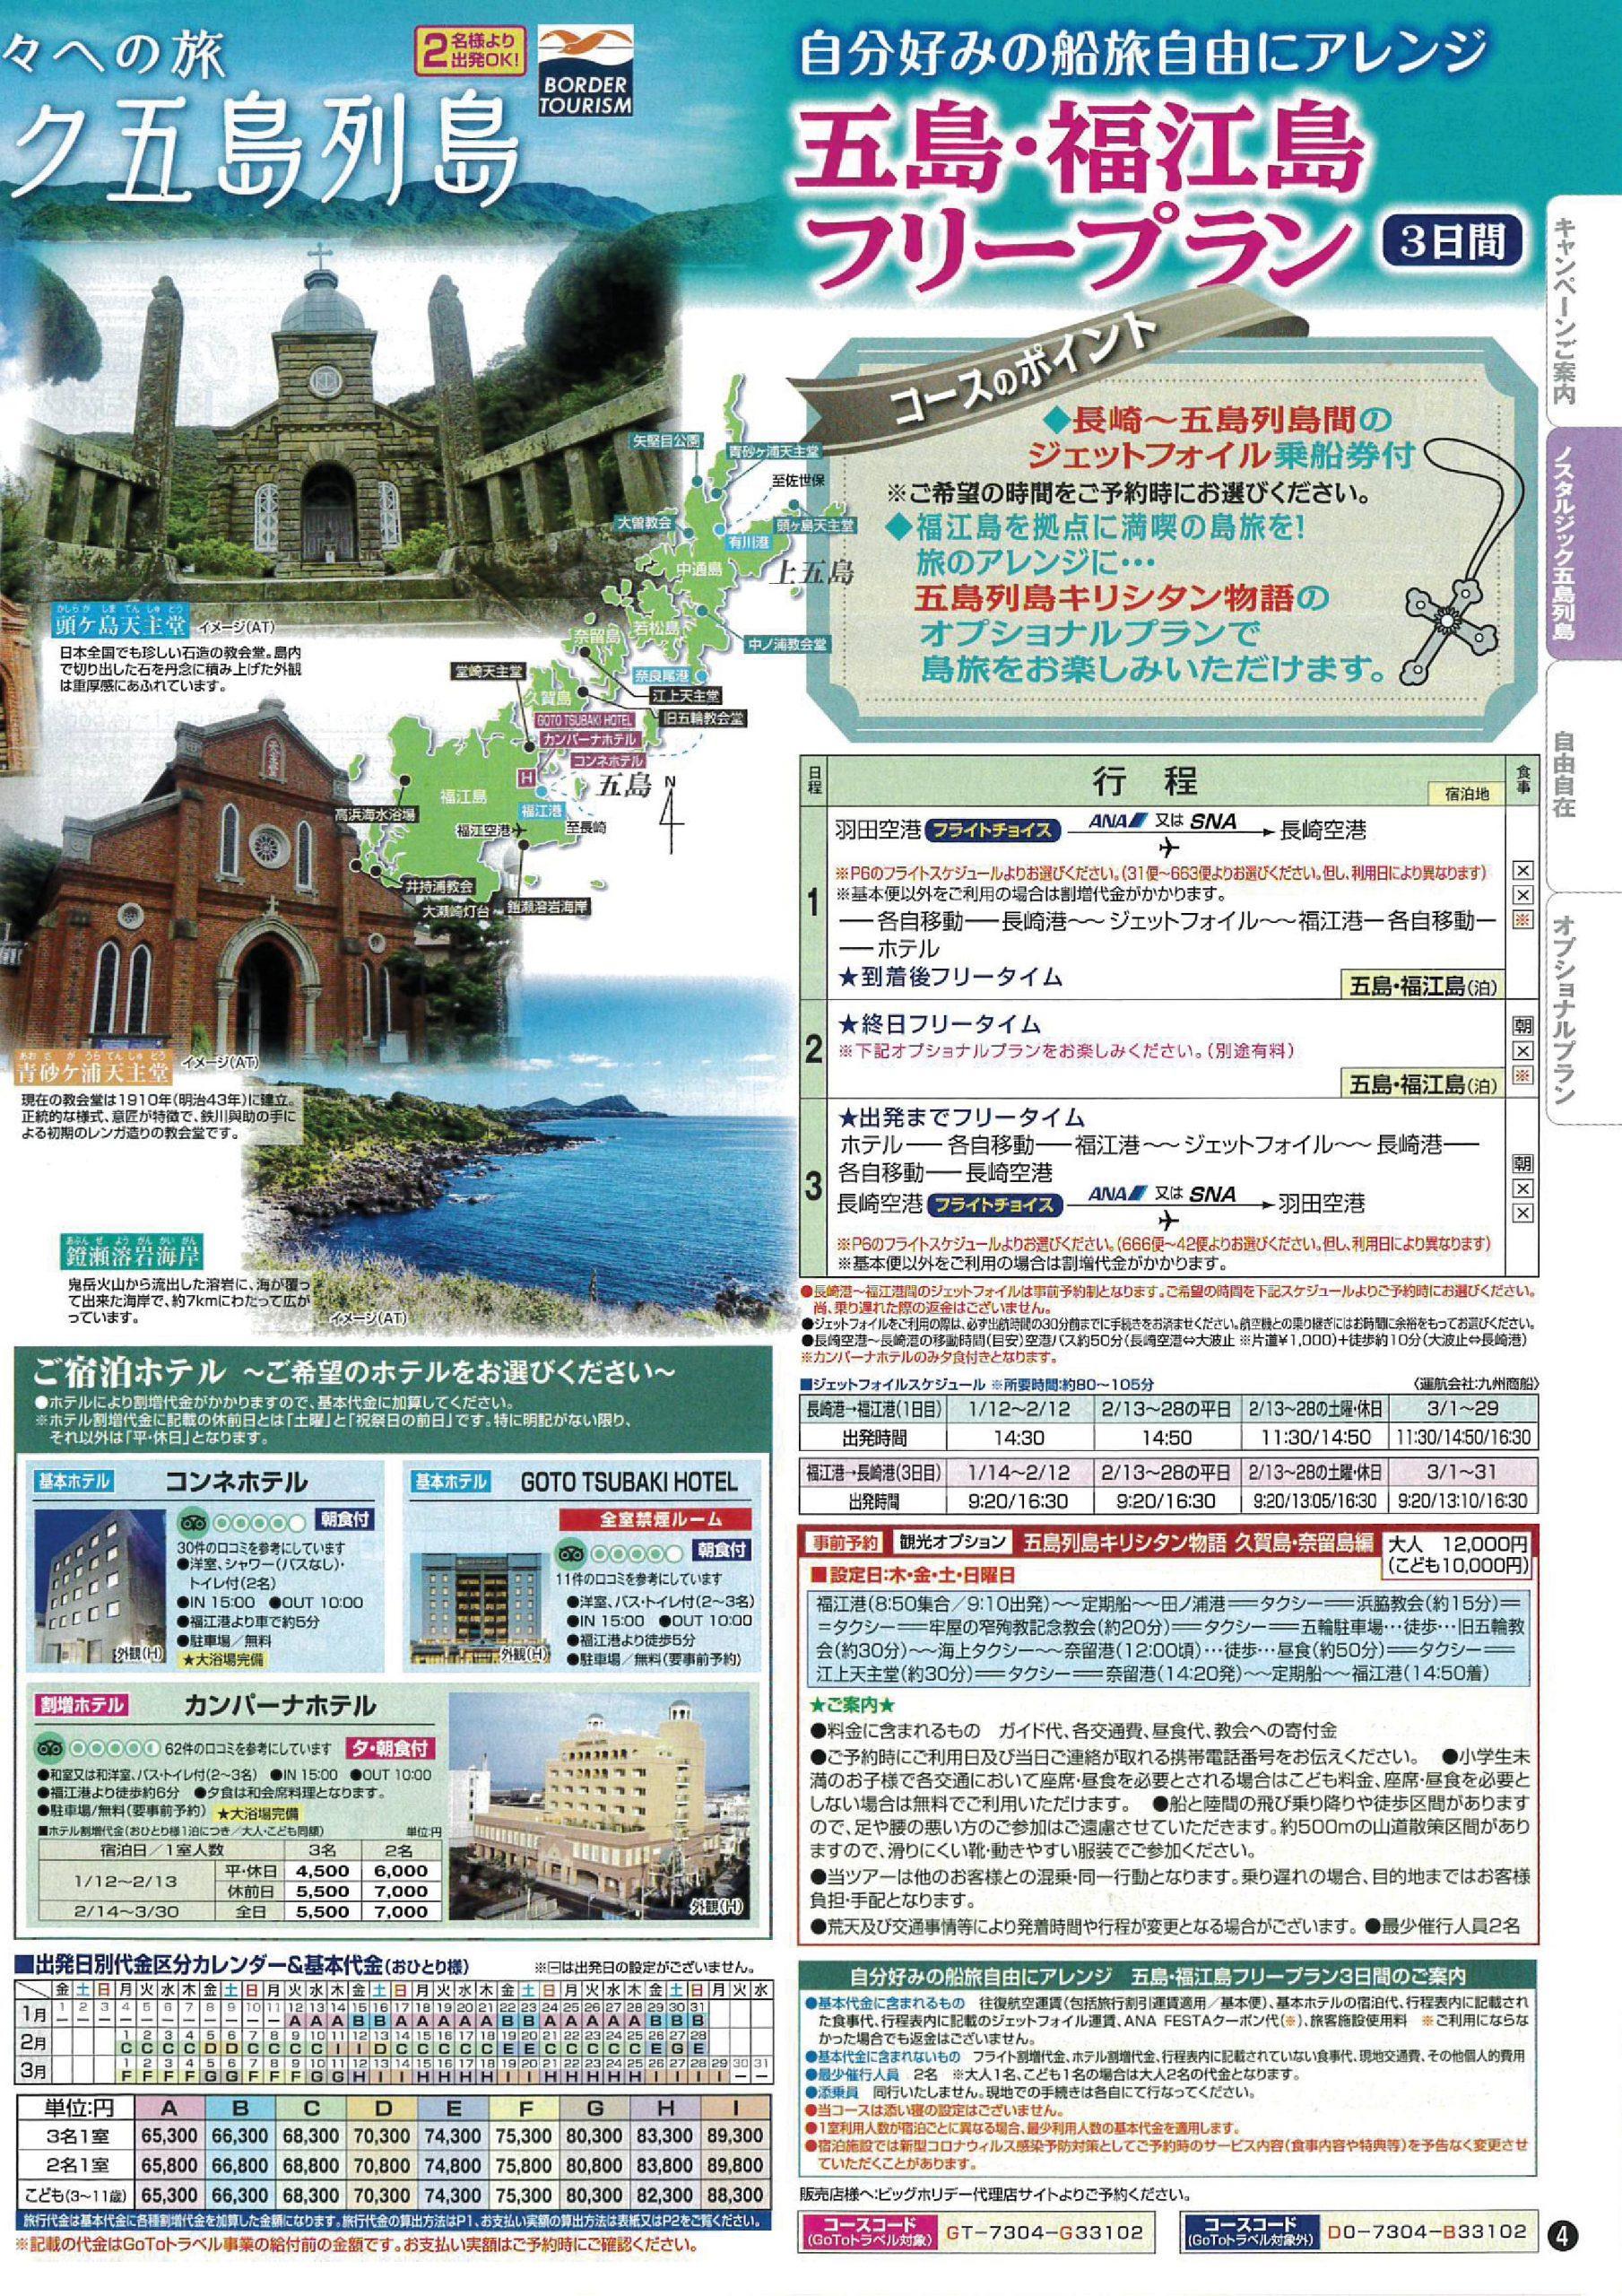 九州最西端五島列島への旅は如何でしょうか